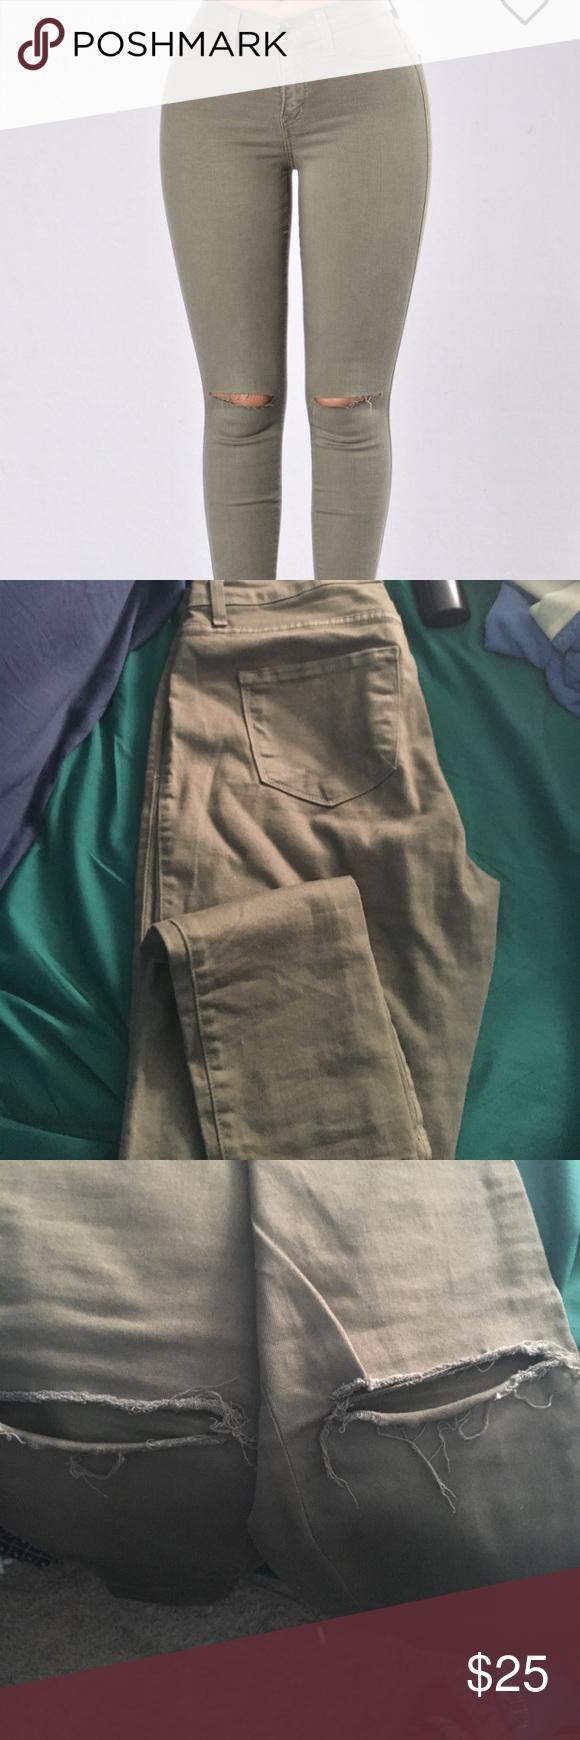 Fashion nova jeans Canopy jeans worn a handful of times Fashion Nova Jeans Skinny